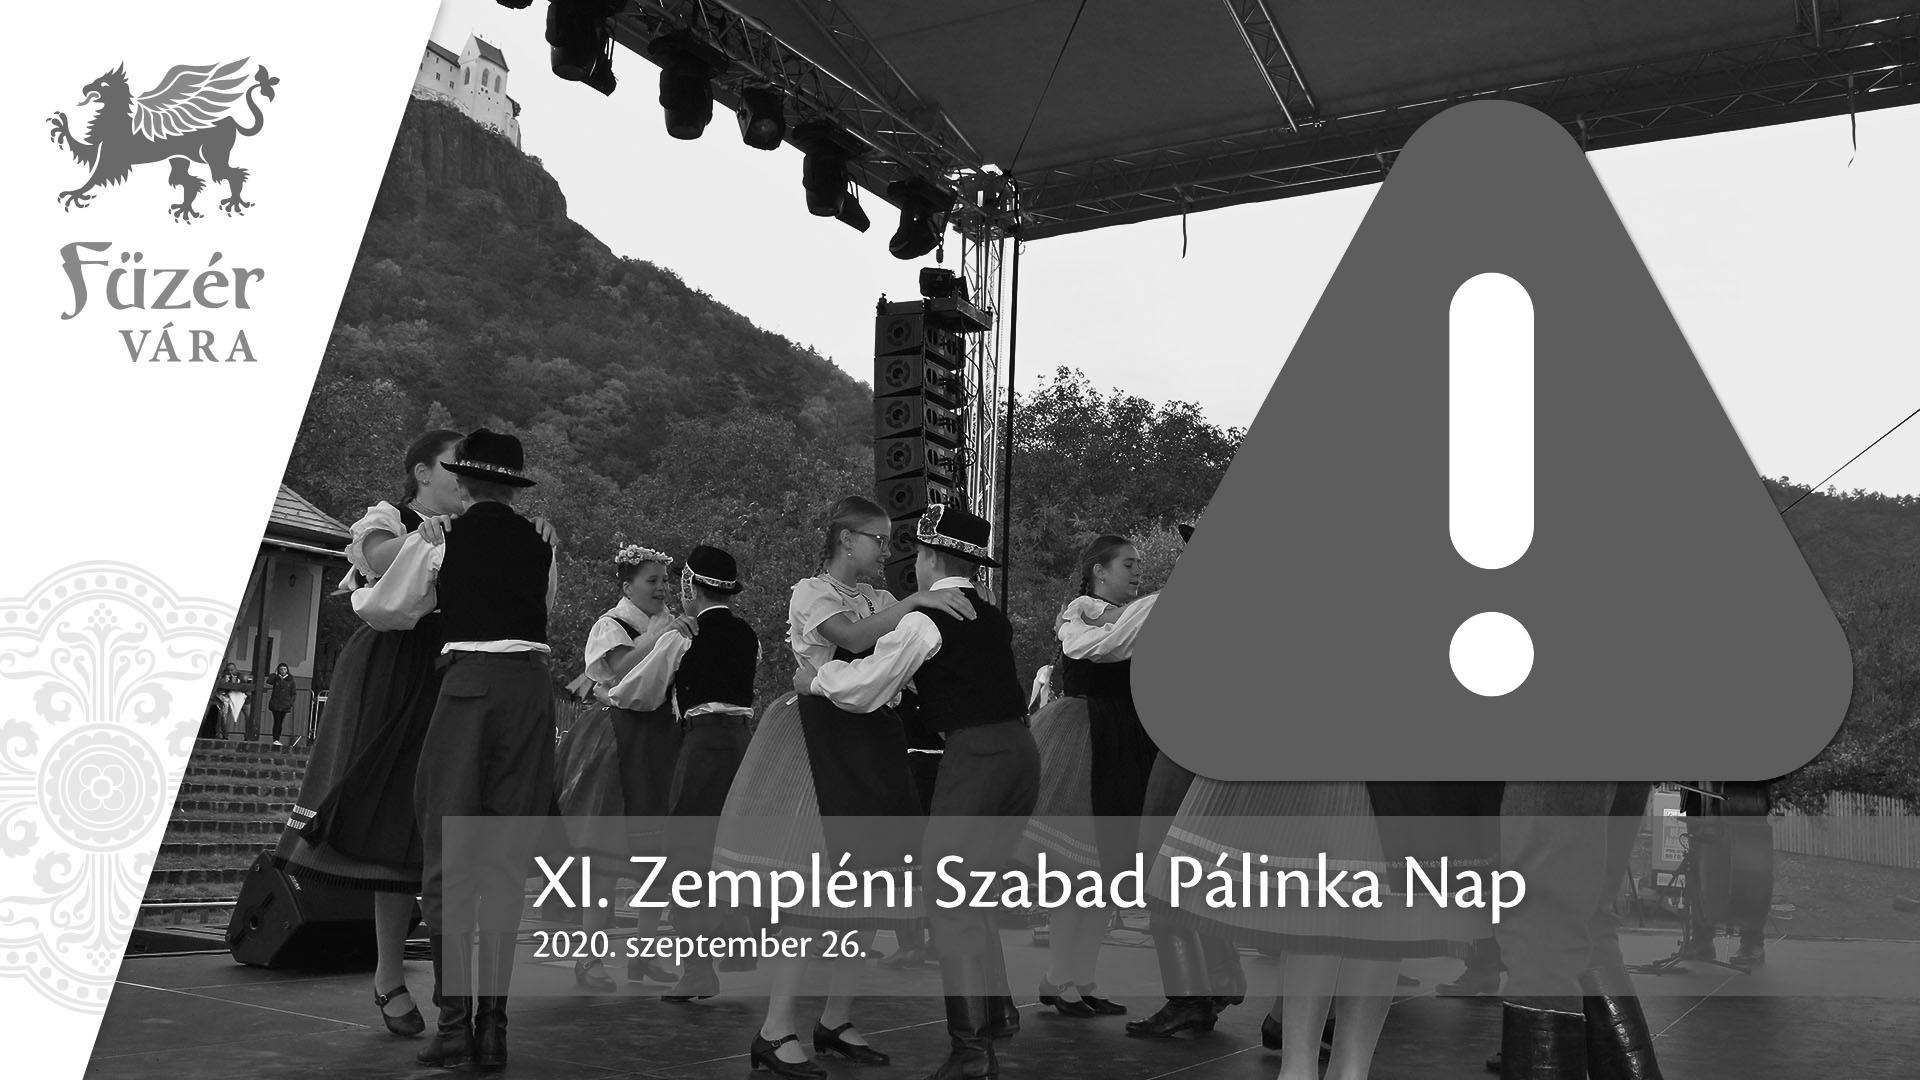 XI. Zempléni Szabad Pálinka Nap